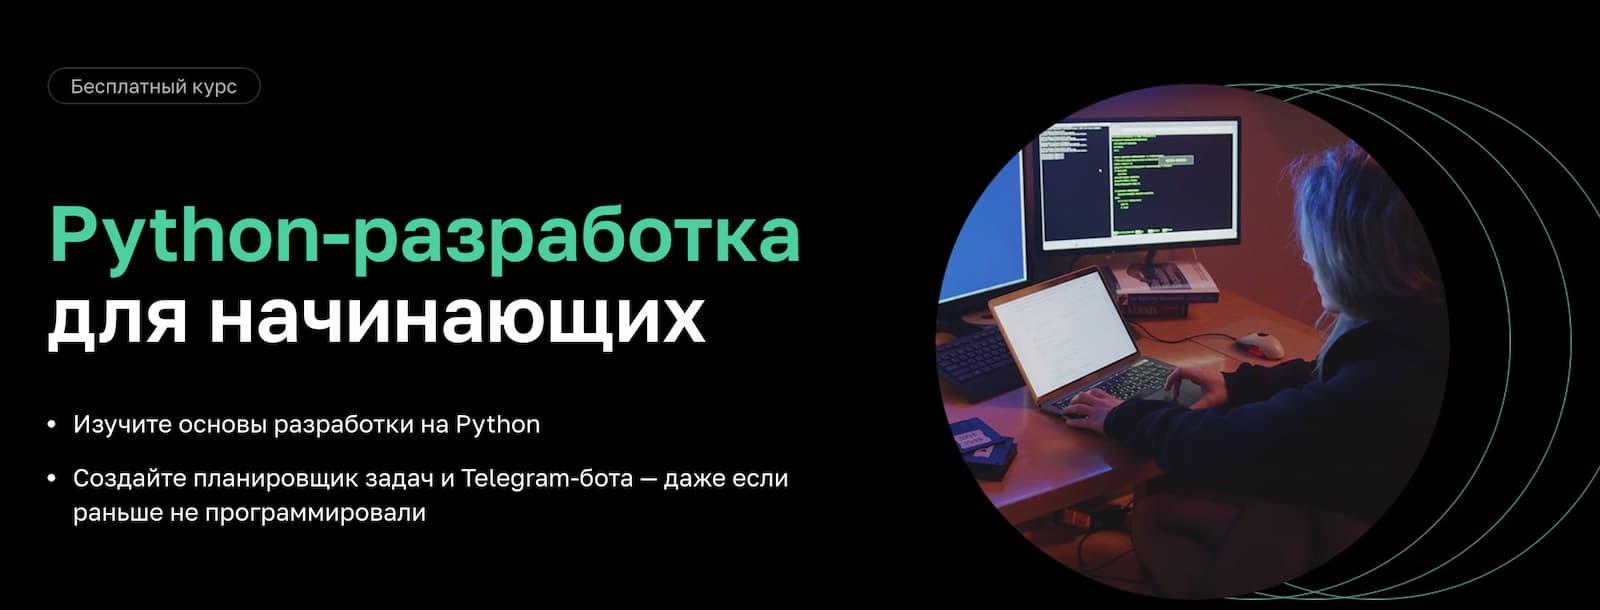 Записаться на курс «Python-разработка для начинающих» от Нетологии